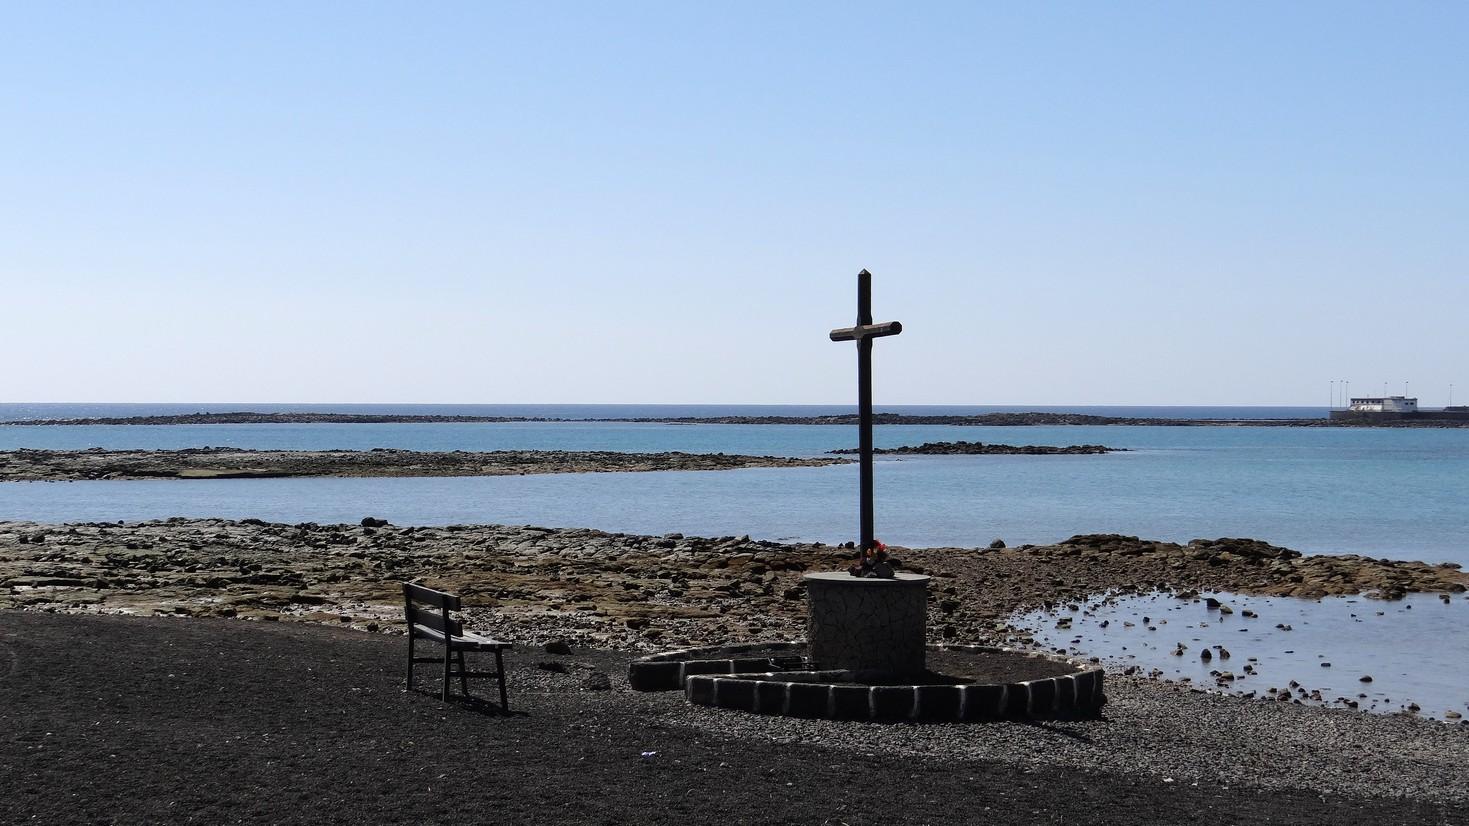 Lanzarote005.jpg